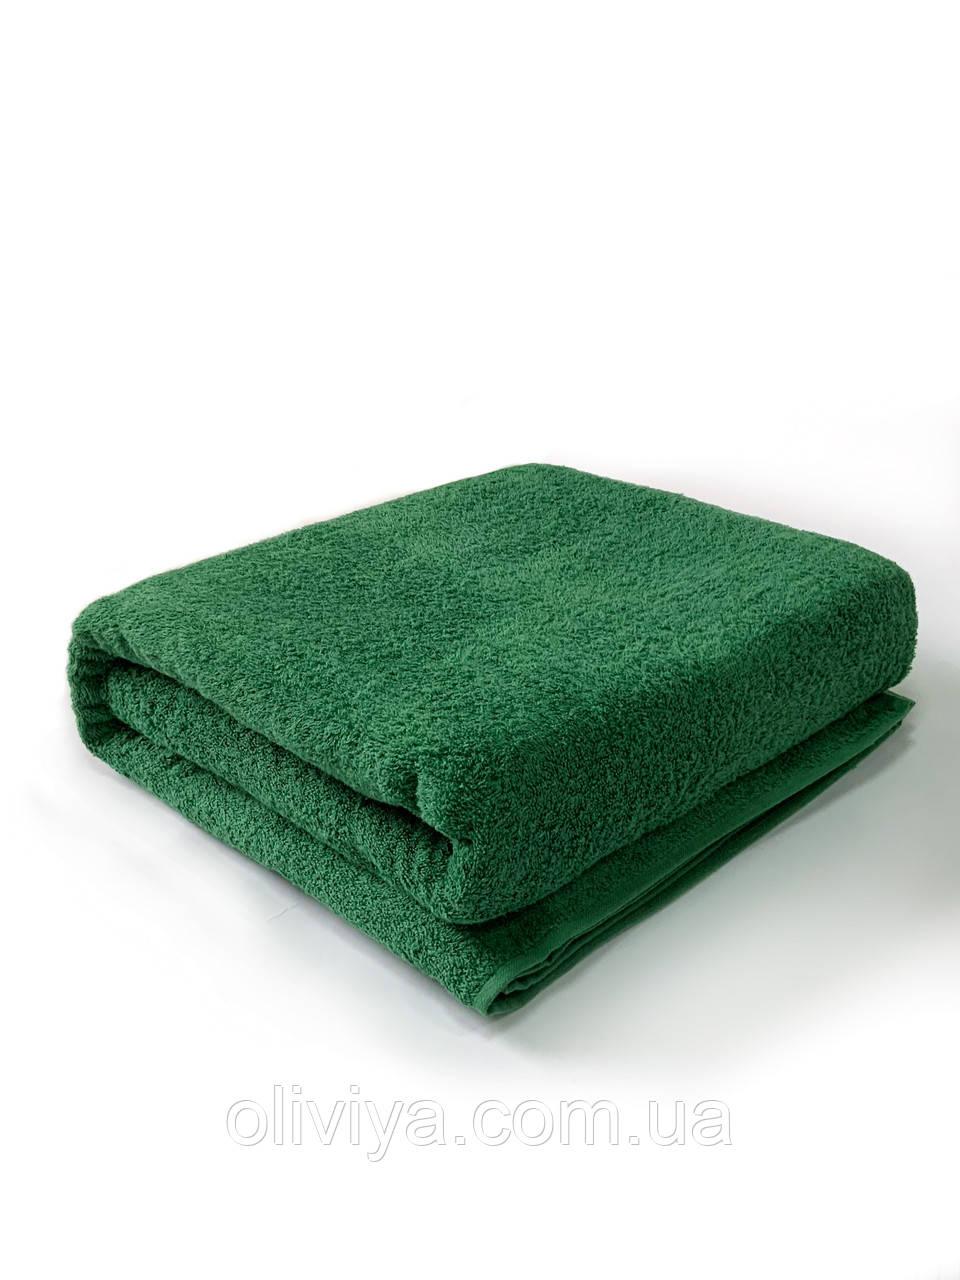 Полотенце банное и пляжное темно-зеленое